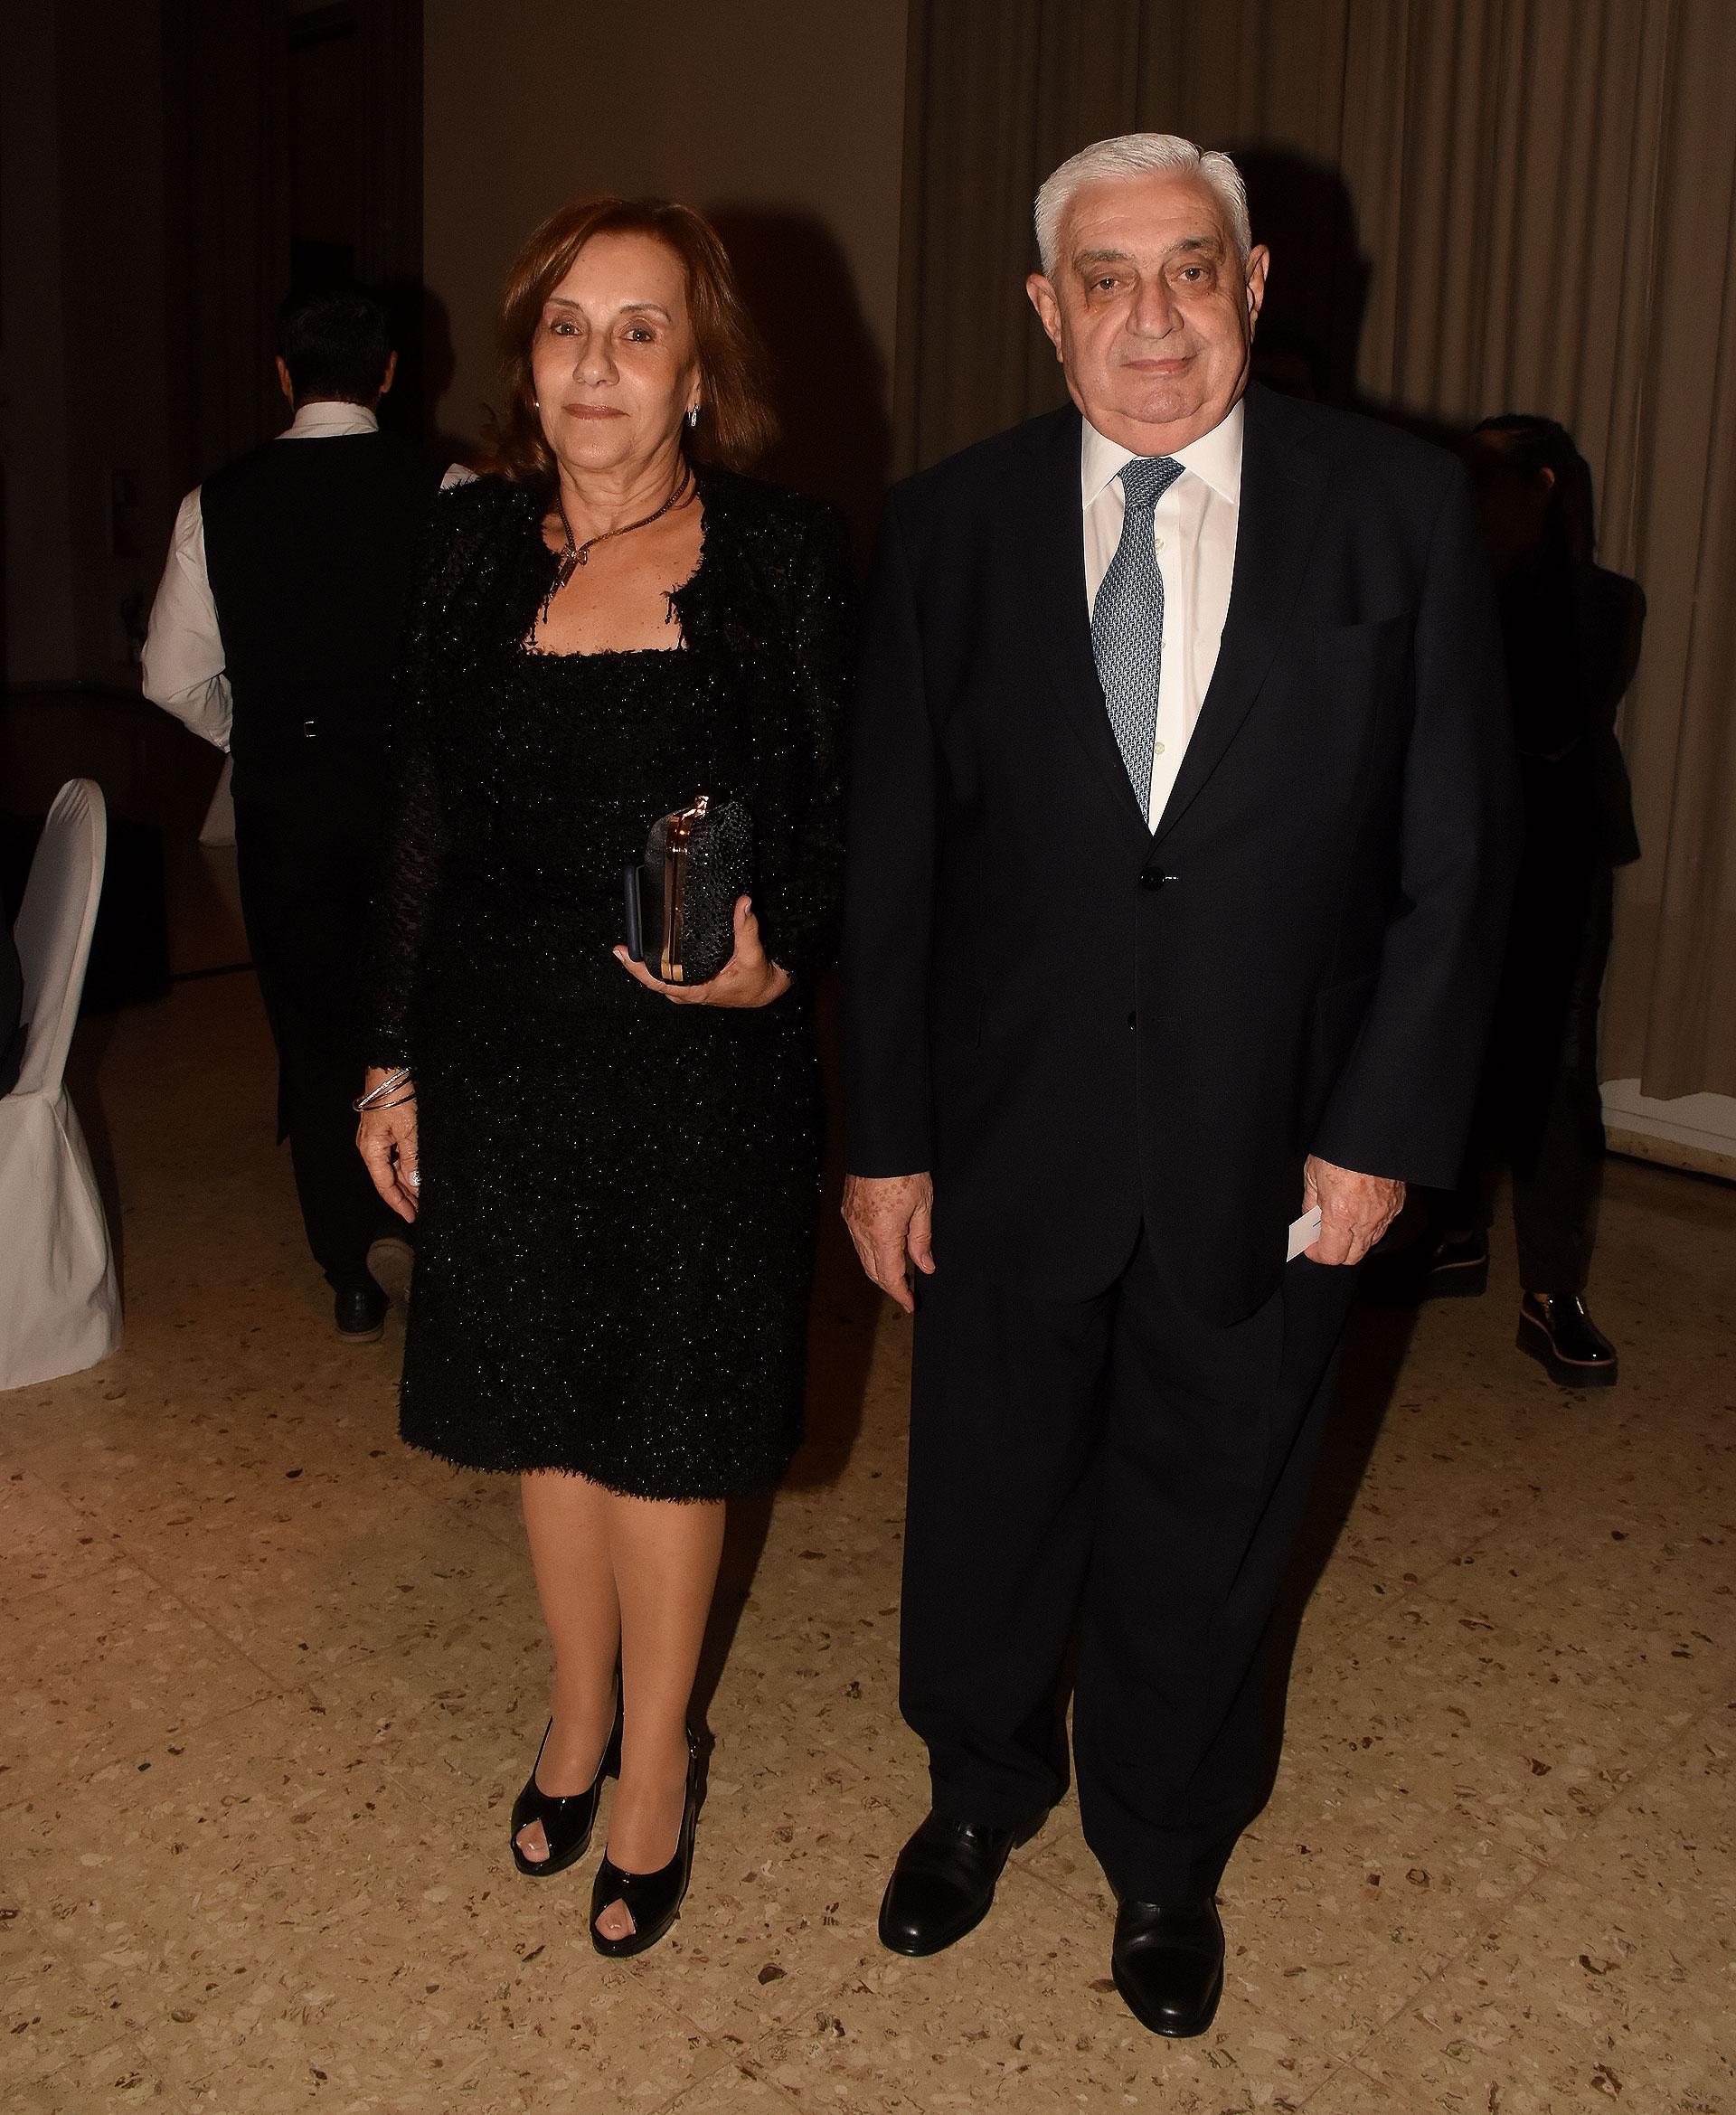 El presidente de la Bolsa de Comercio de Buenos Aires, Adelmo Gabbi